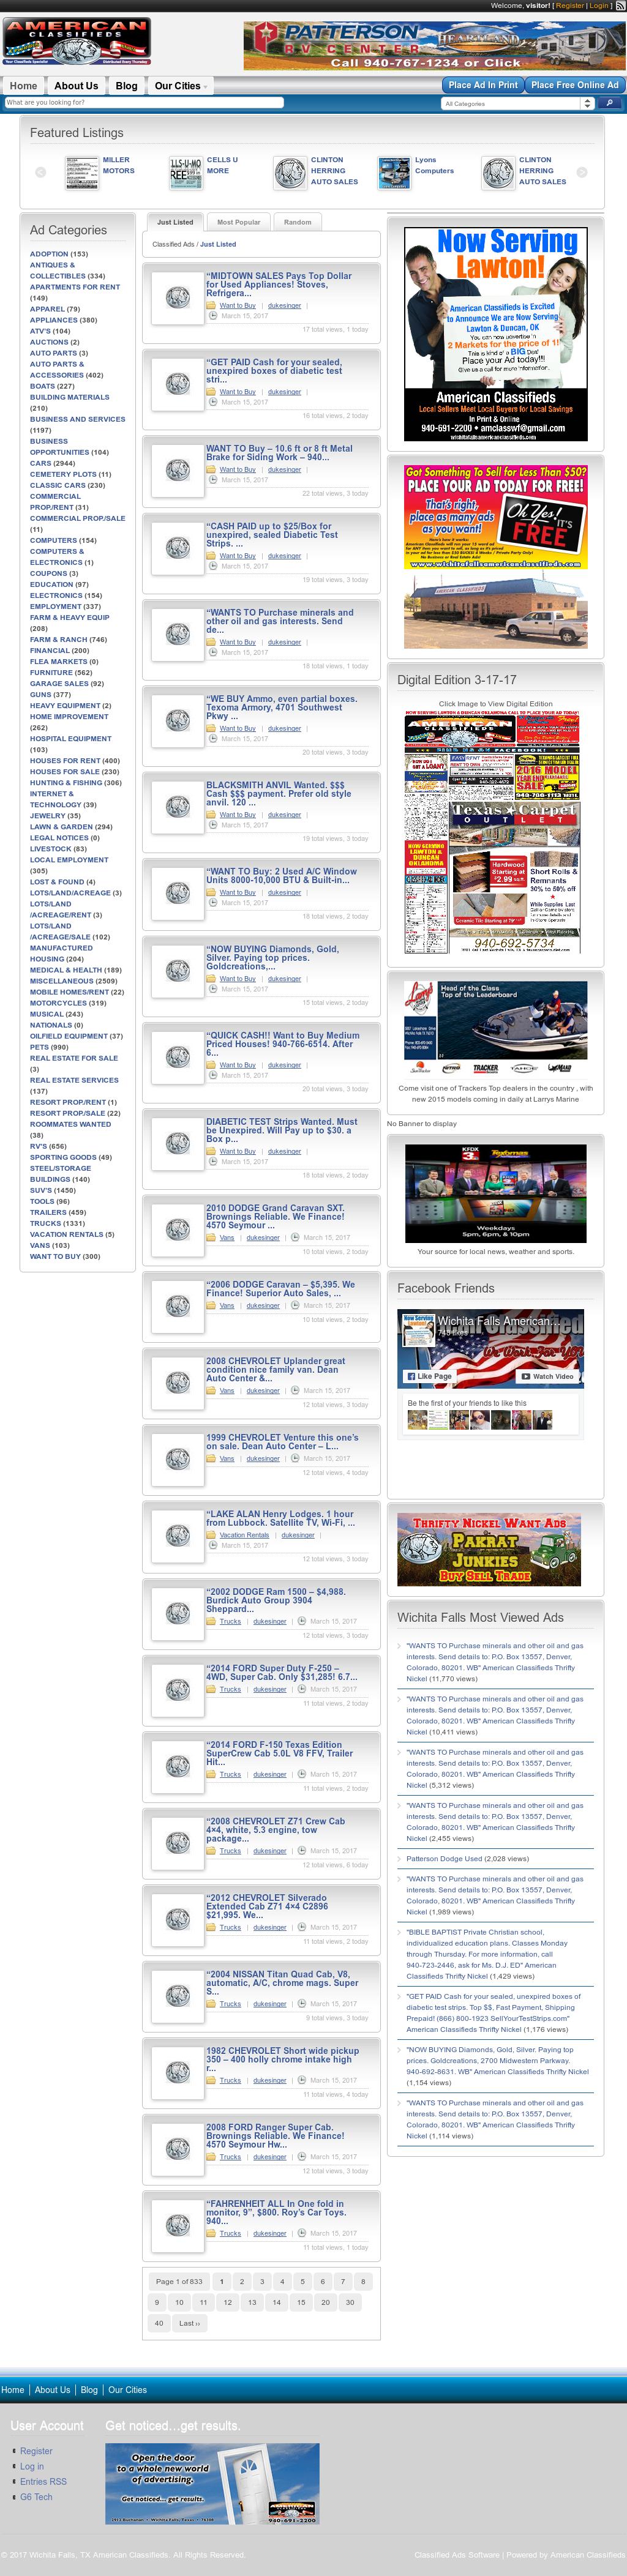 Wichita Falls Competitors, Revenue and Employees - Owler Company Profile